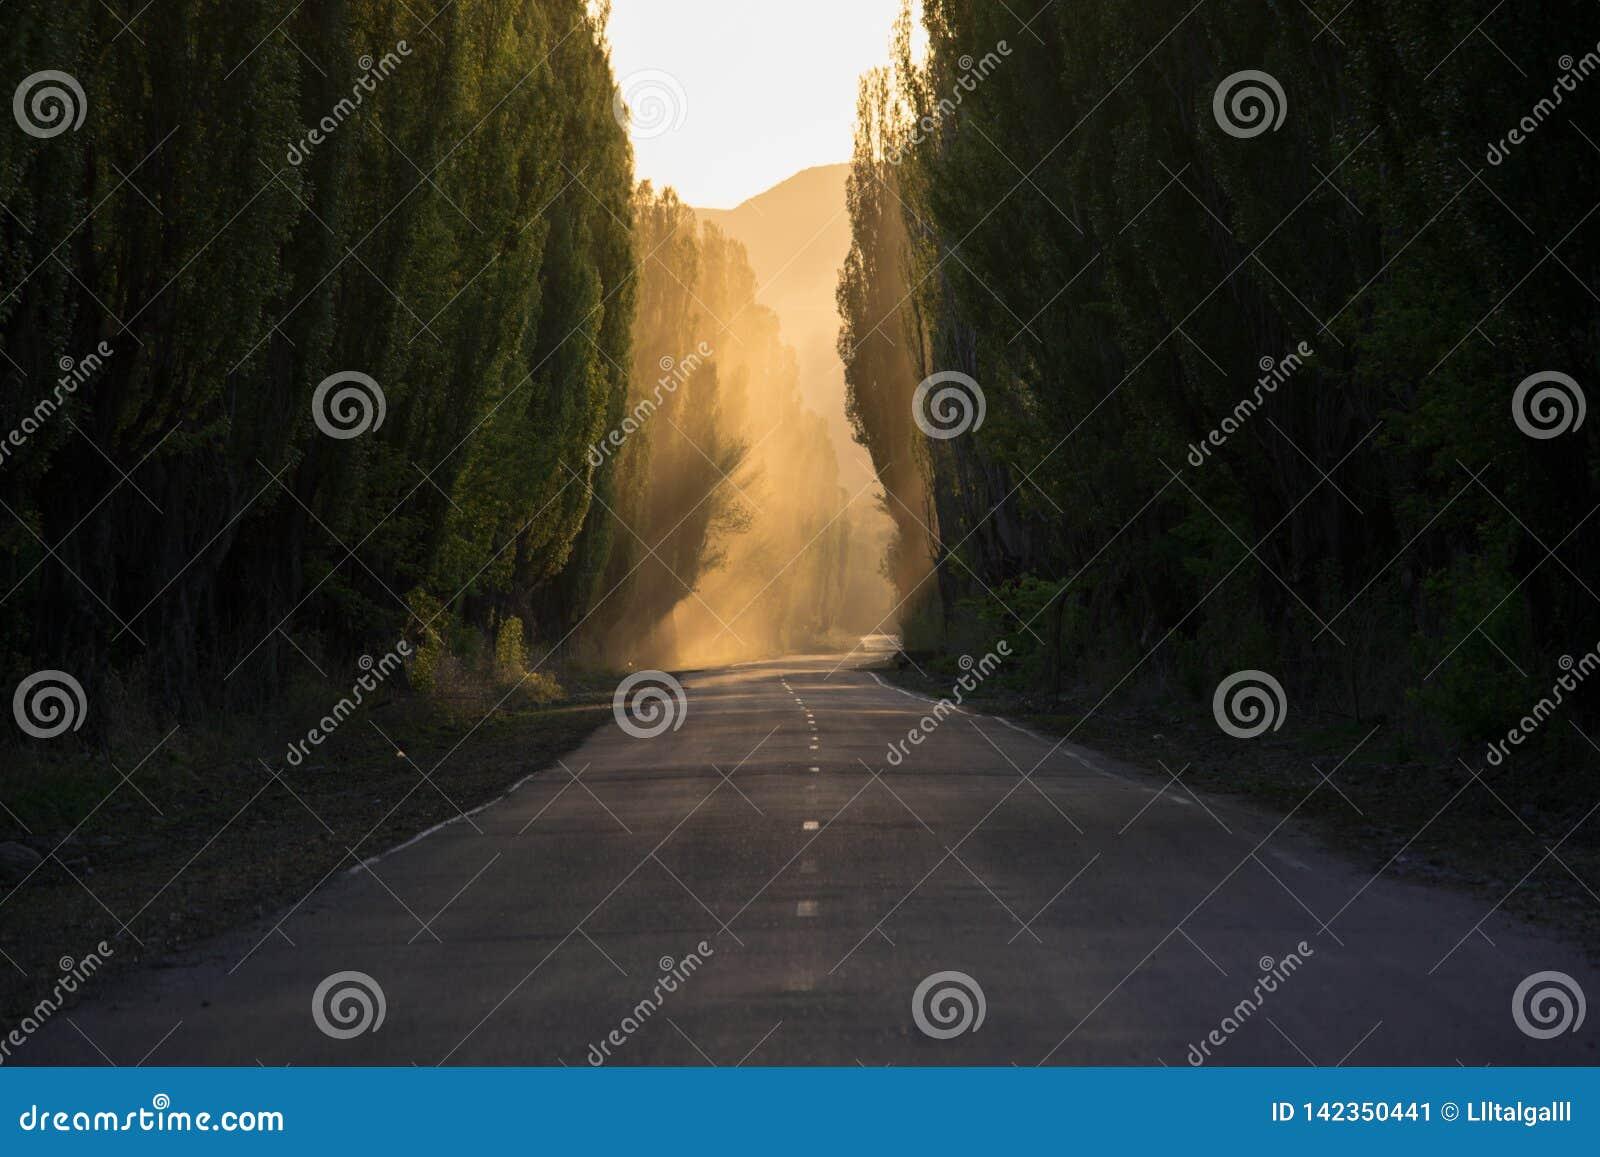 Vägen är tyst rök perspektiv